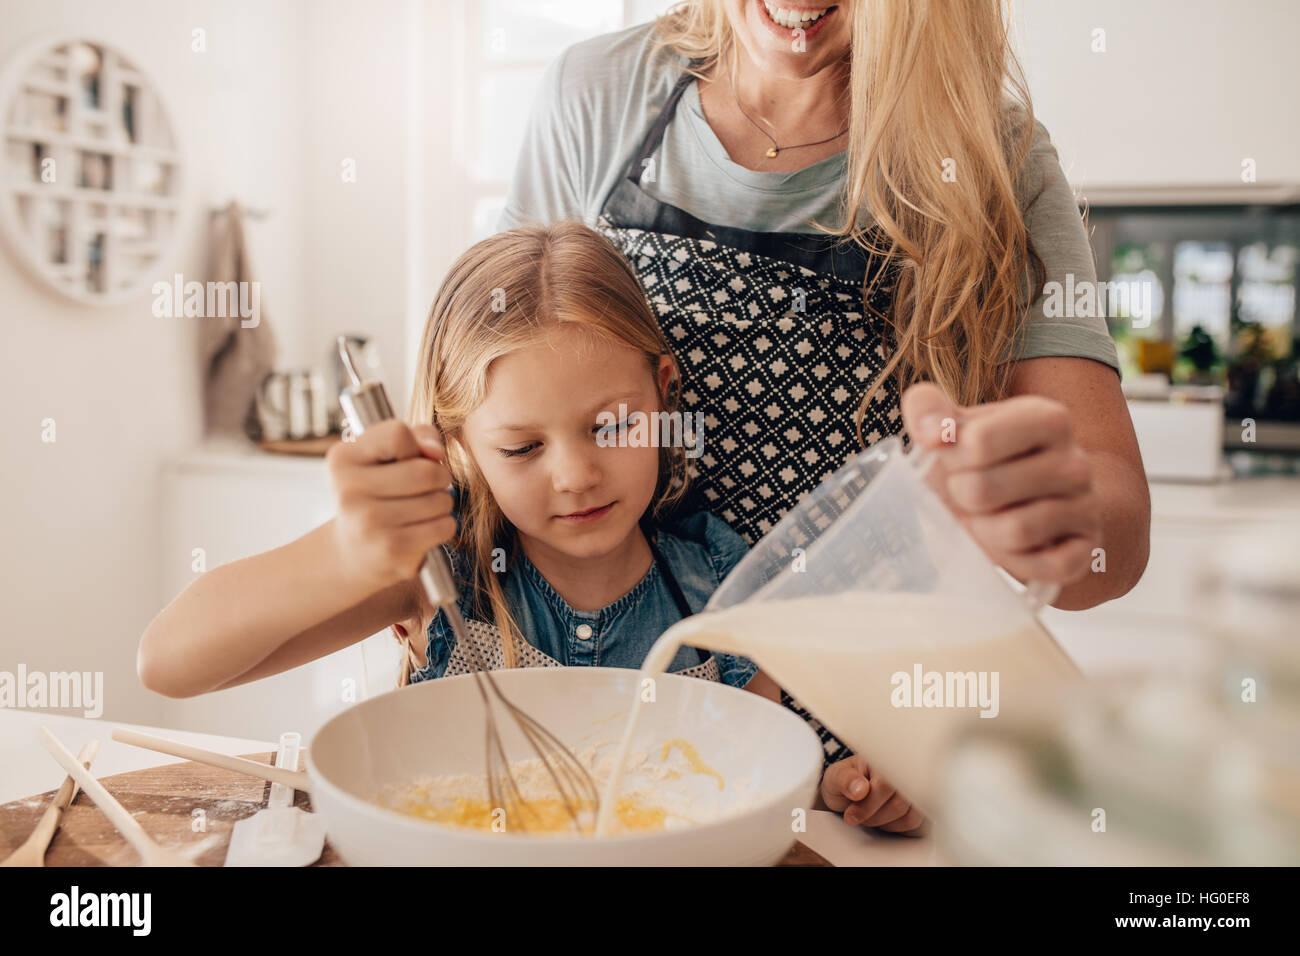 Cute Little Girl y su madre bateador en el recipiente de mezcla. Verter la leche de la madre con la hija de batir Imagen De Stock